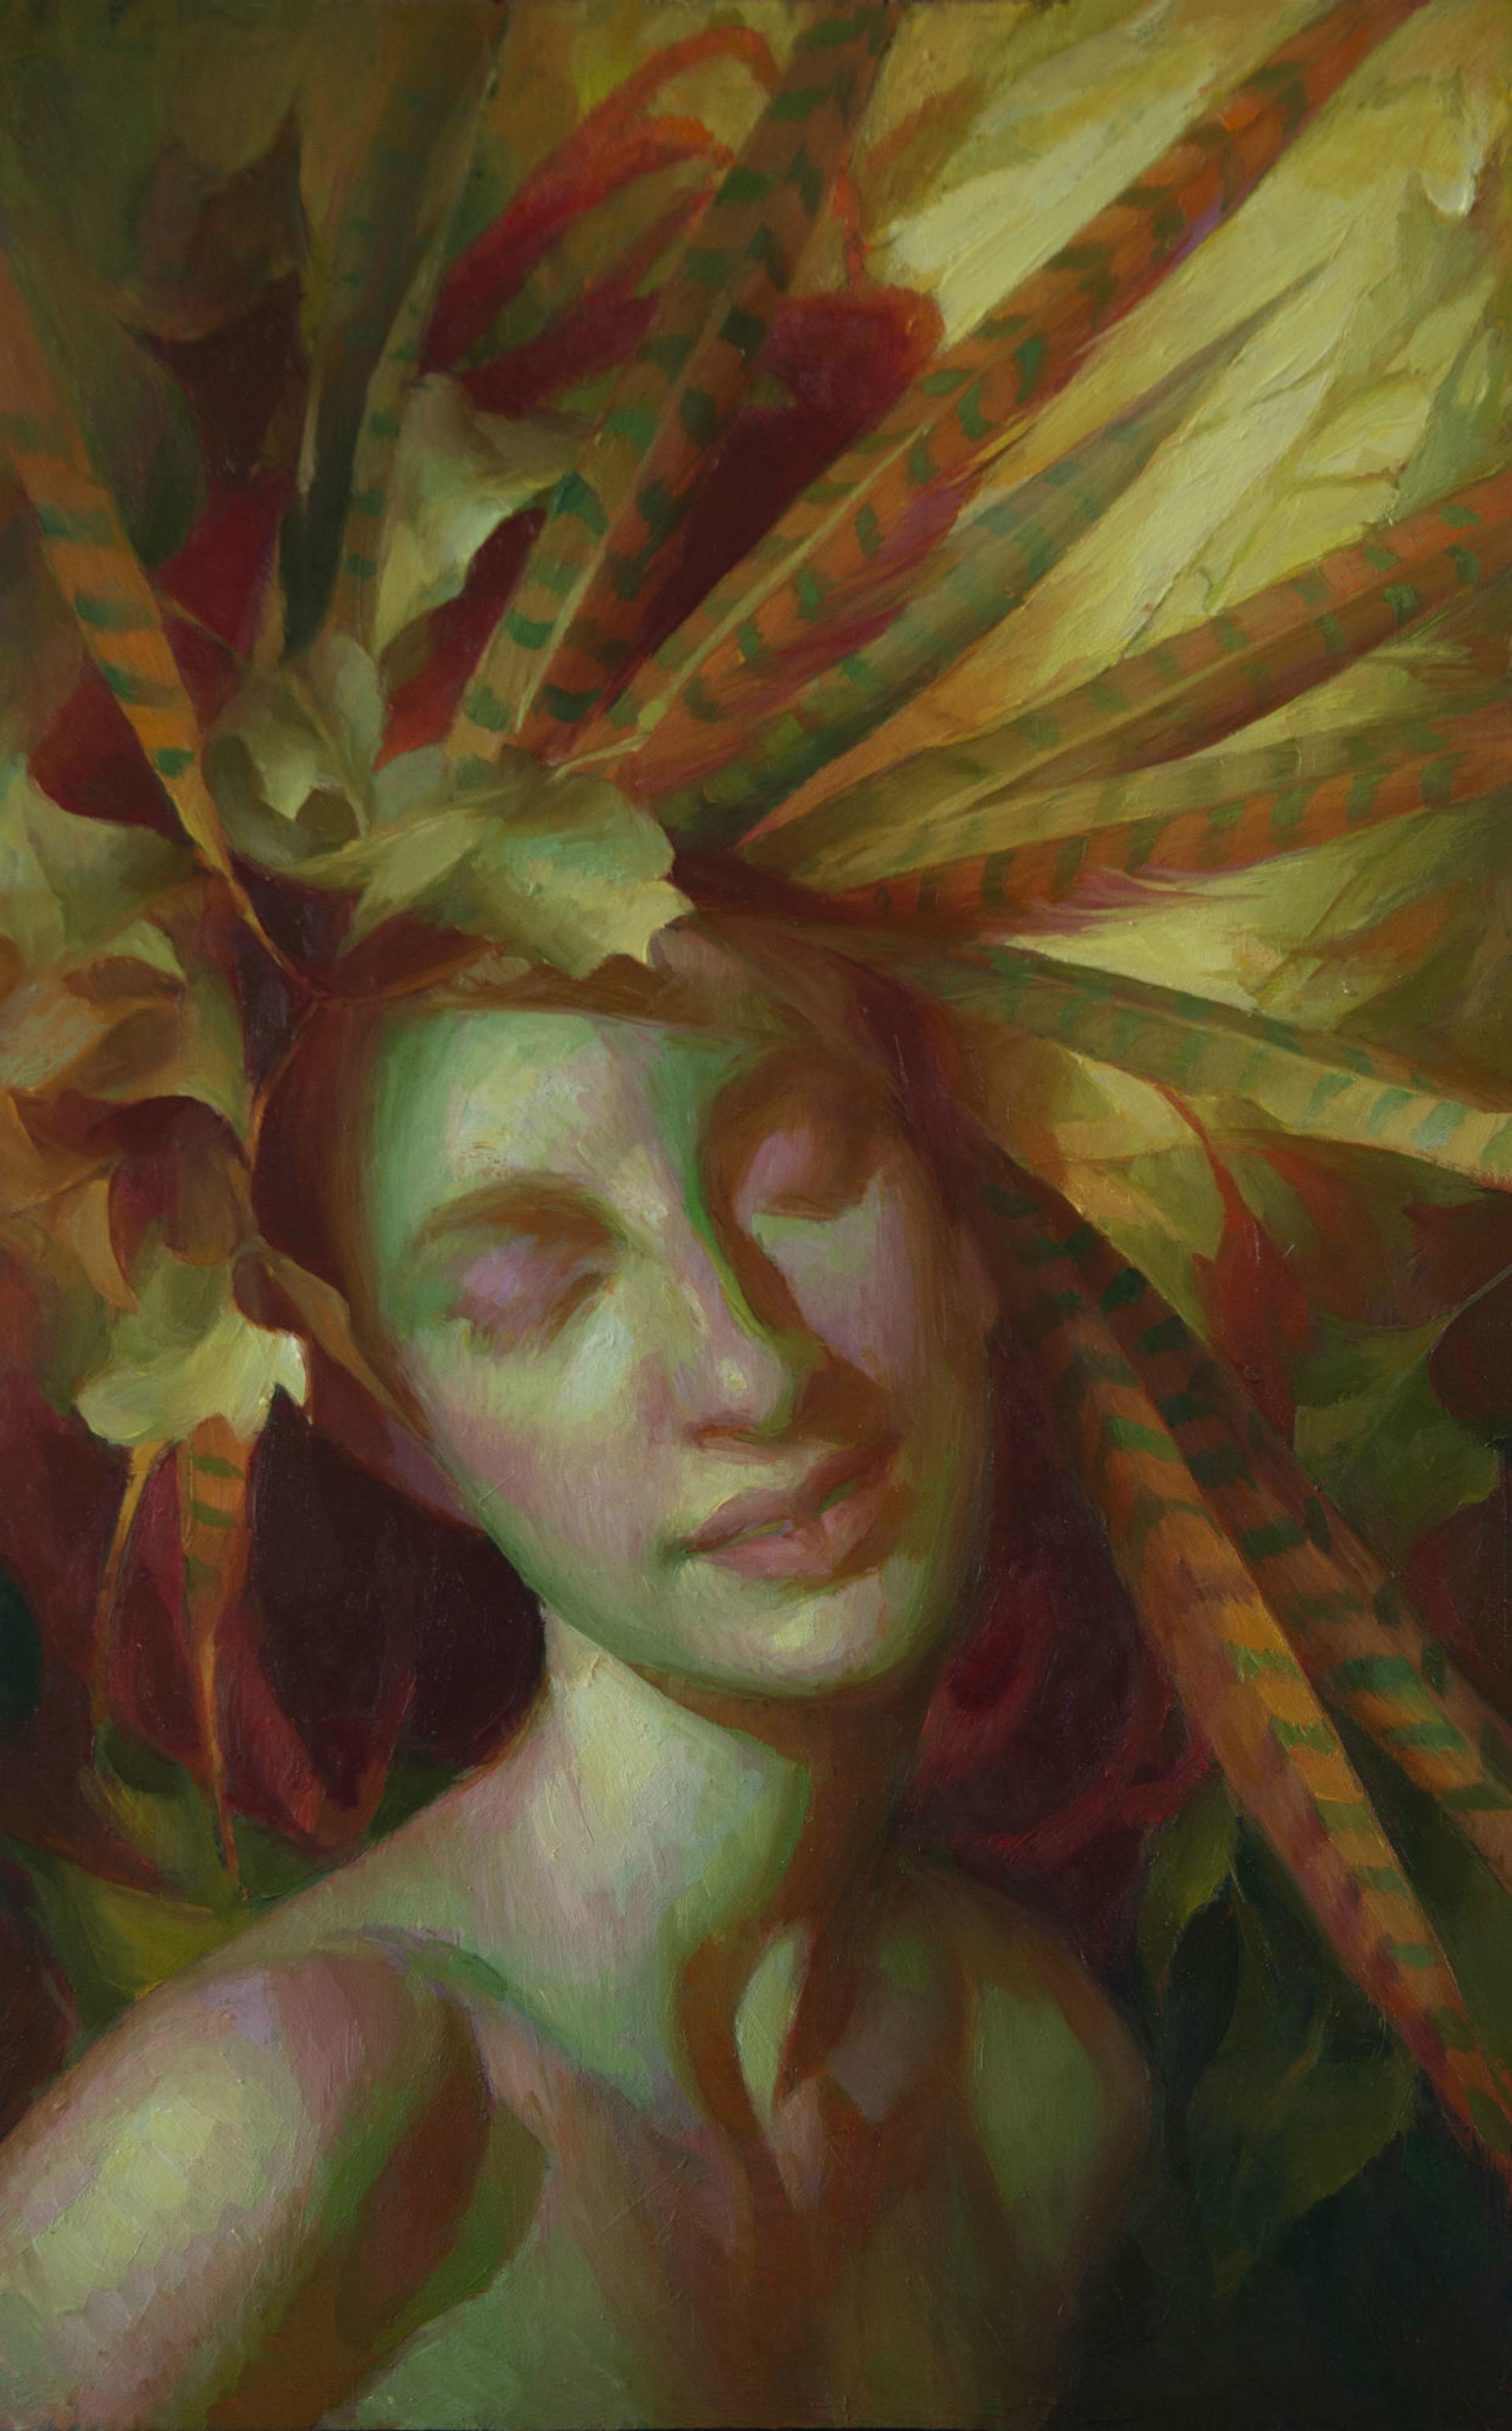 Fire II by Adrienne Stein